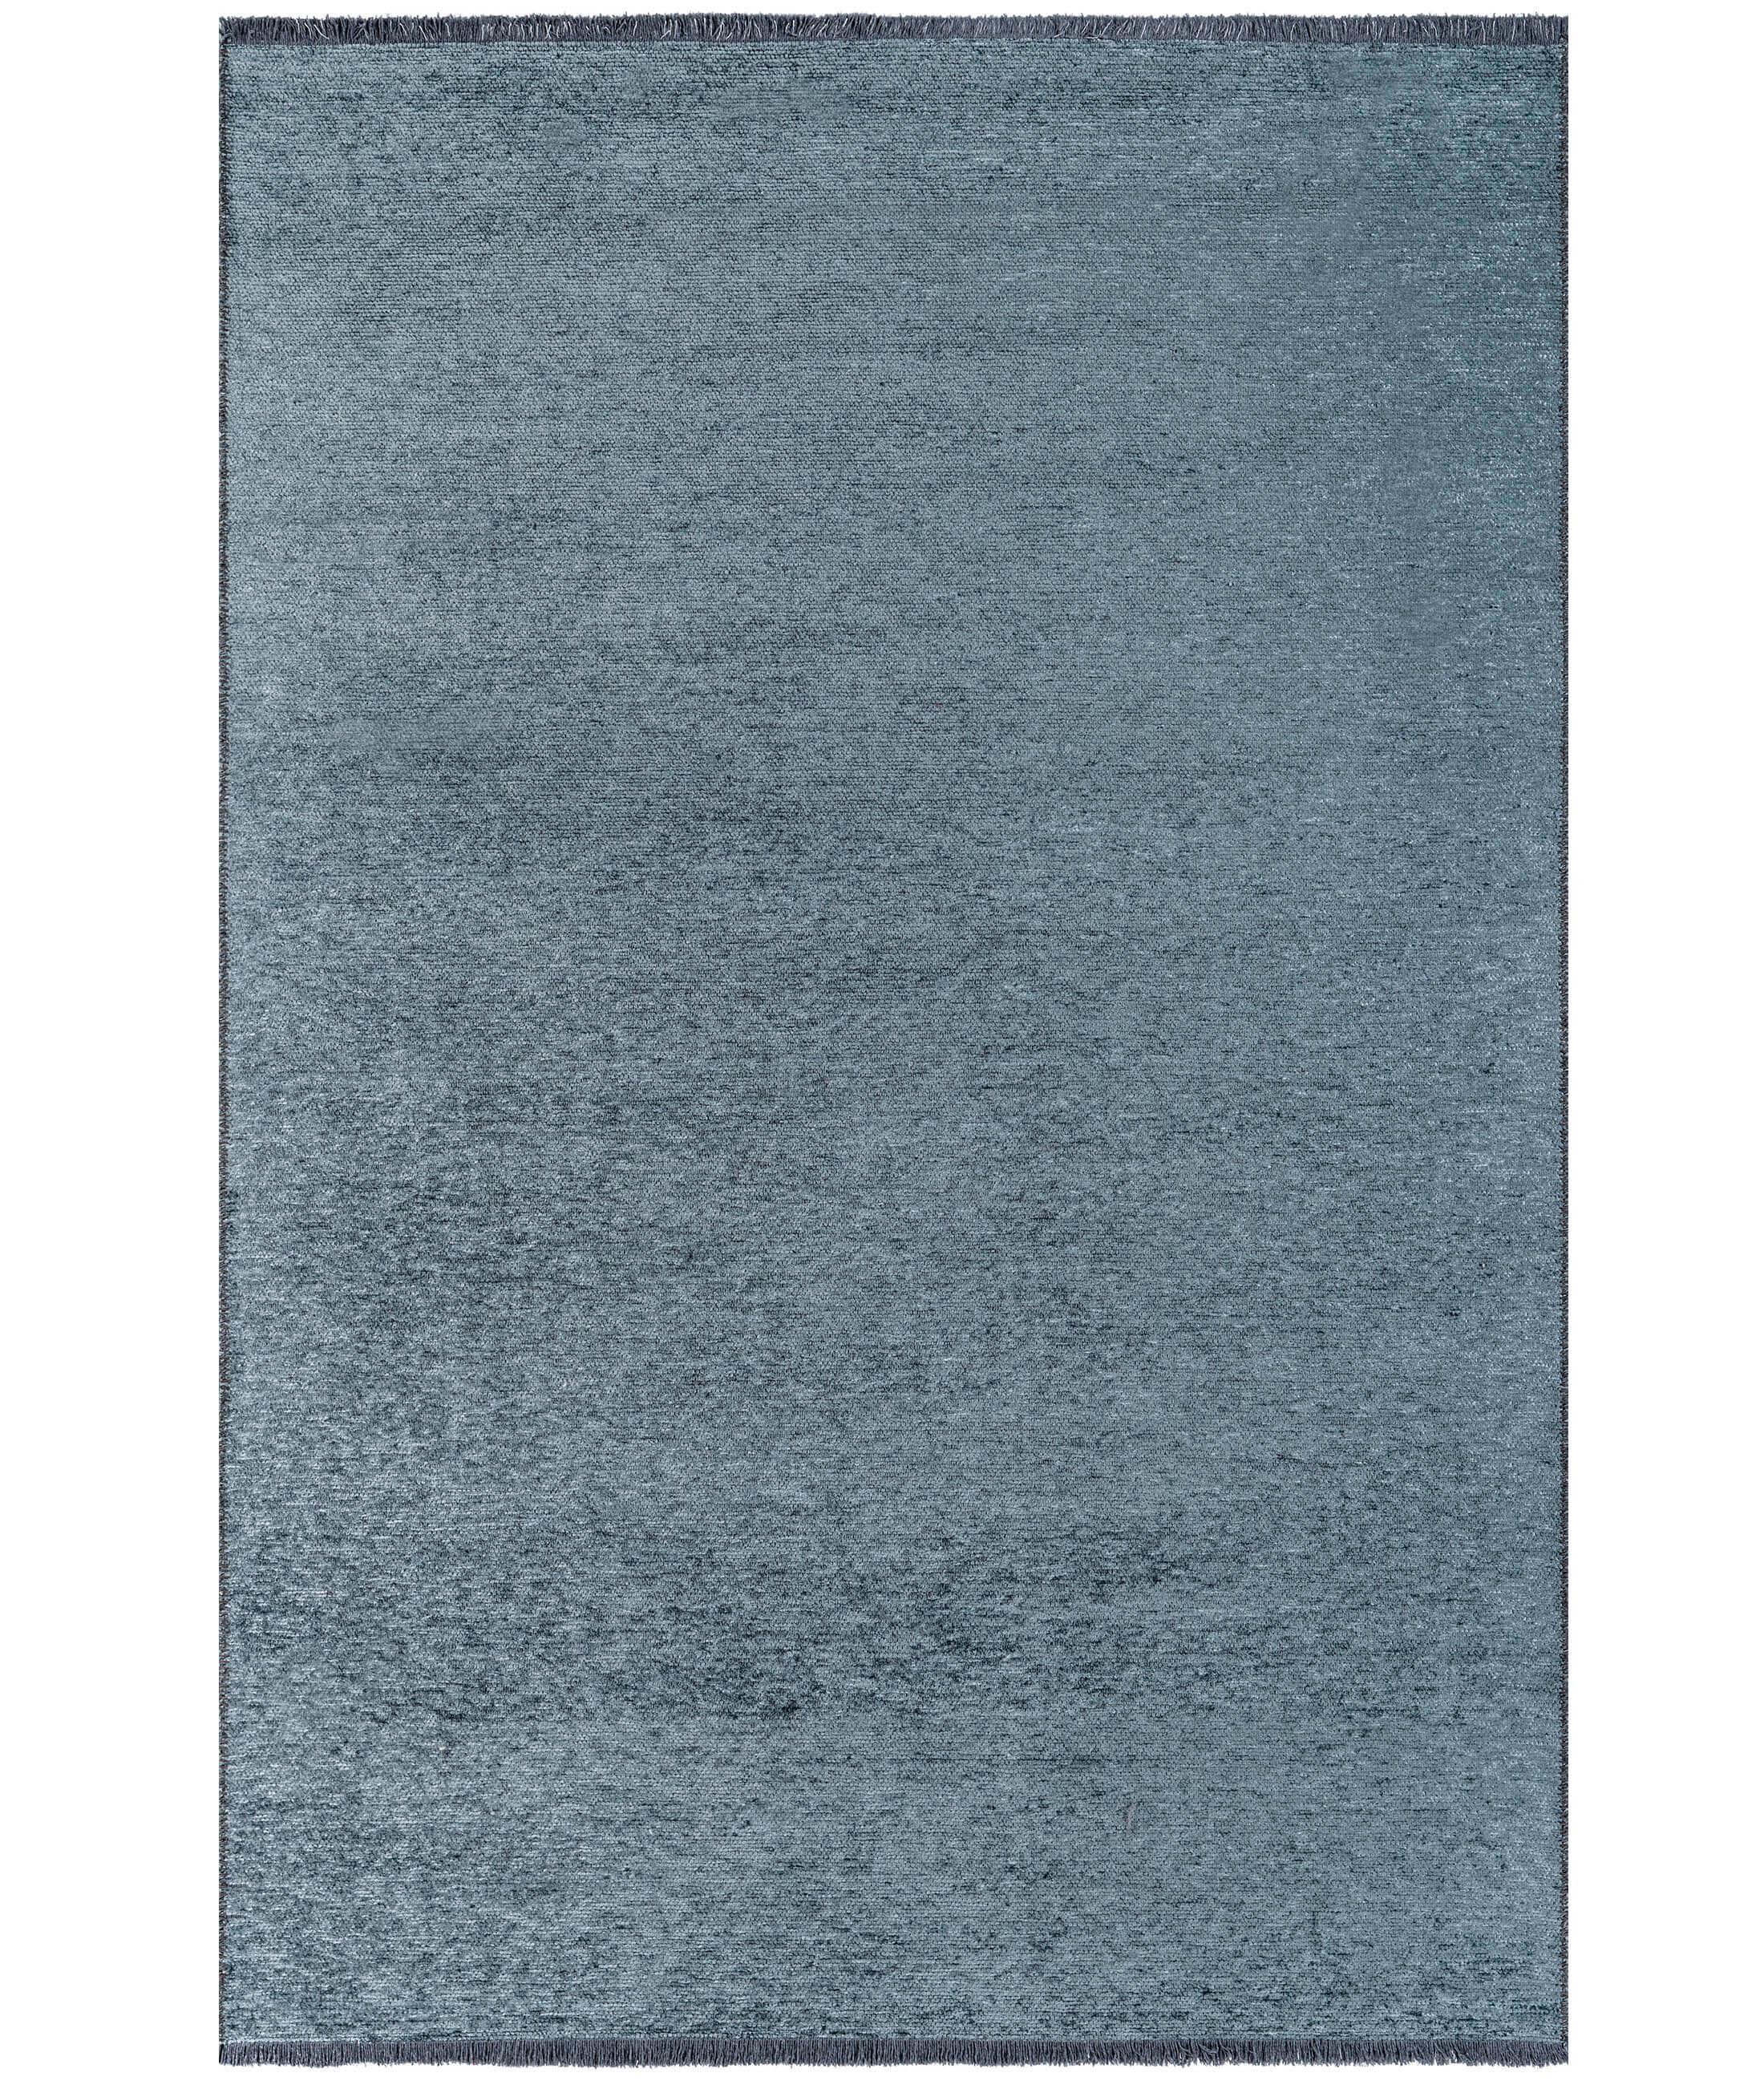 Toscana Aqua Carpet 24021A